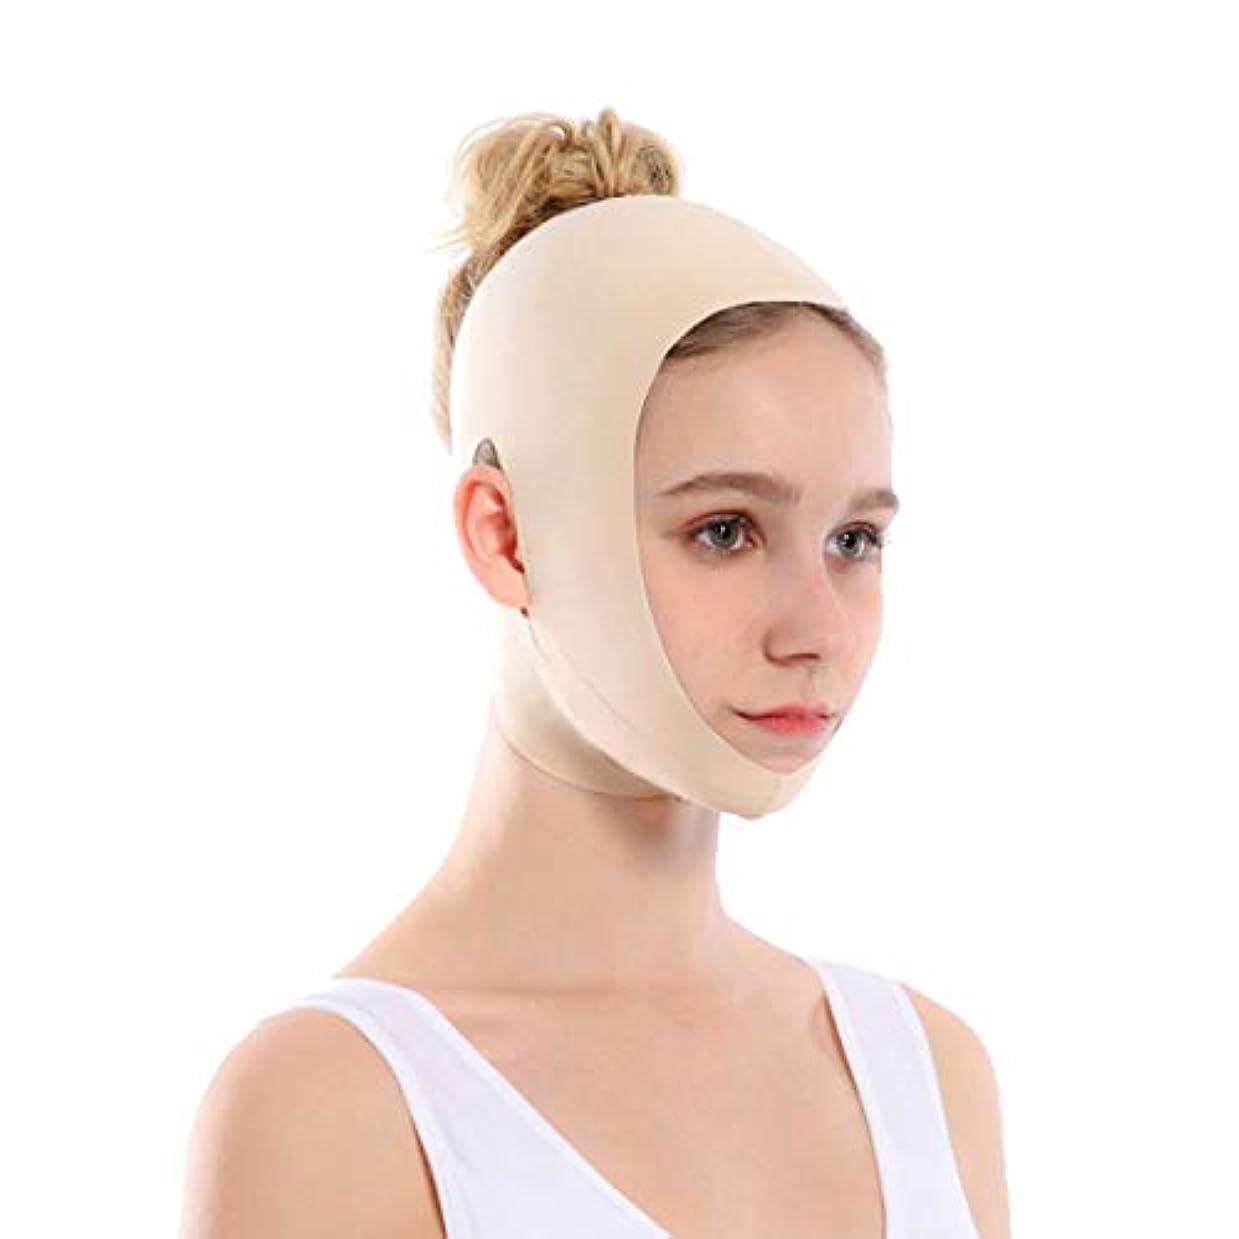 摂氏ワット曲線小顔ベルト 矯正 フェイスバンドレブ付きの組み合わせ 顔痩せ ズ調整可能 通気性 簡単脱着 リフトアップ 二重あご 補正ベルト フェイスベルト